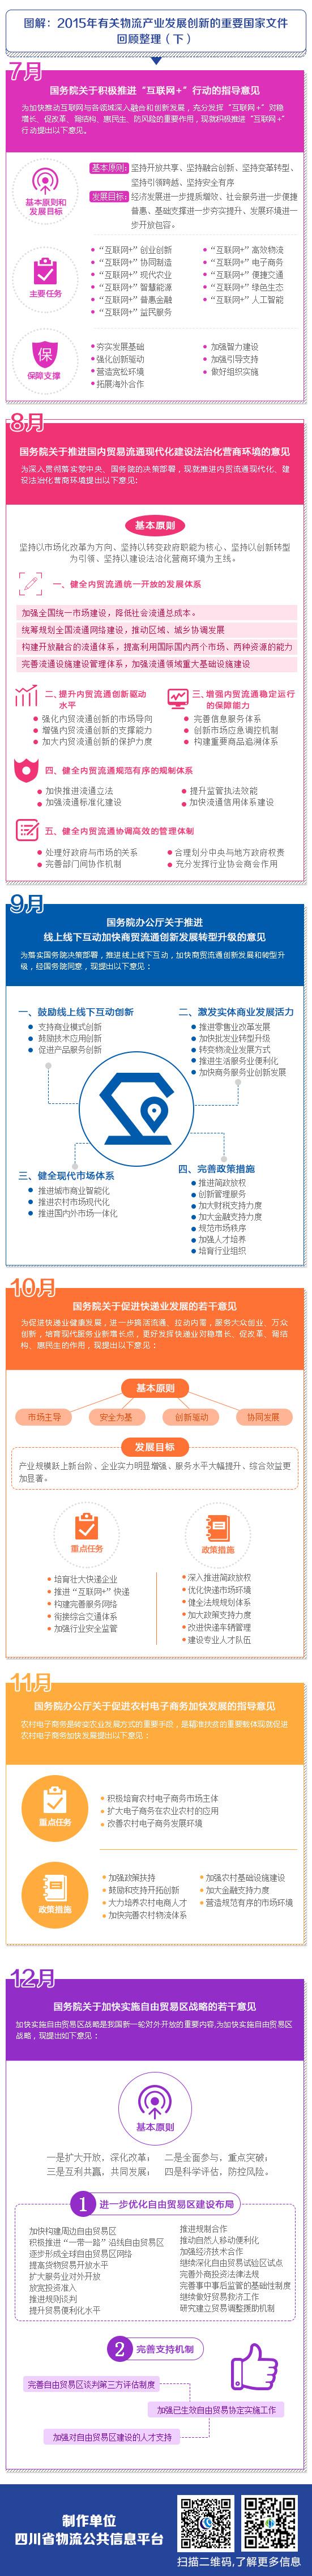 图解:2015年有关万博manbetx客户端产业发展创新的重要国家文件回顾整理(下).jpg